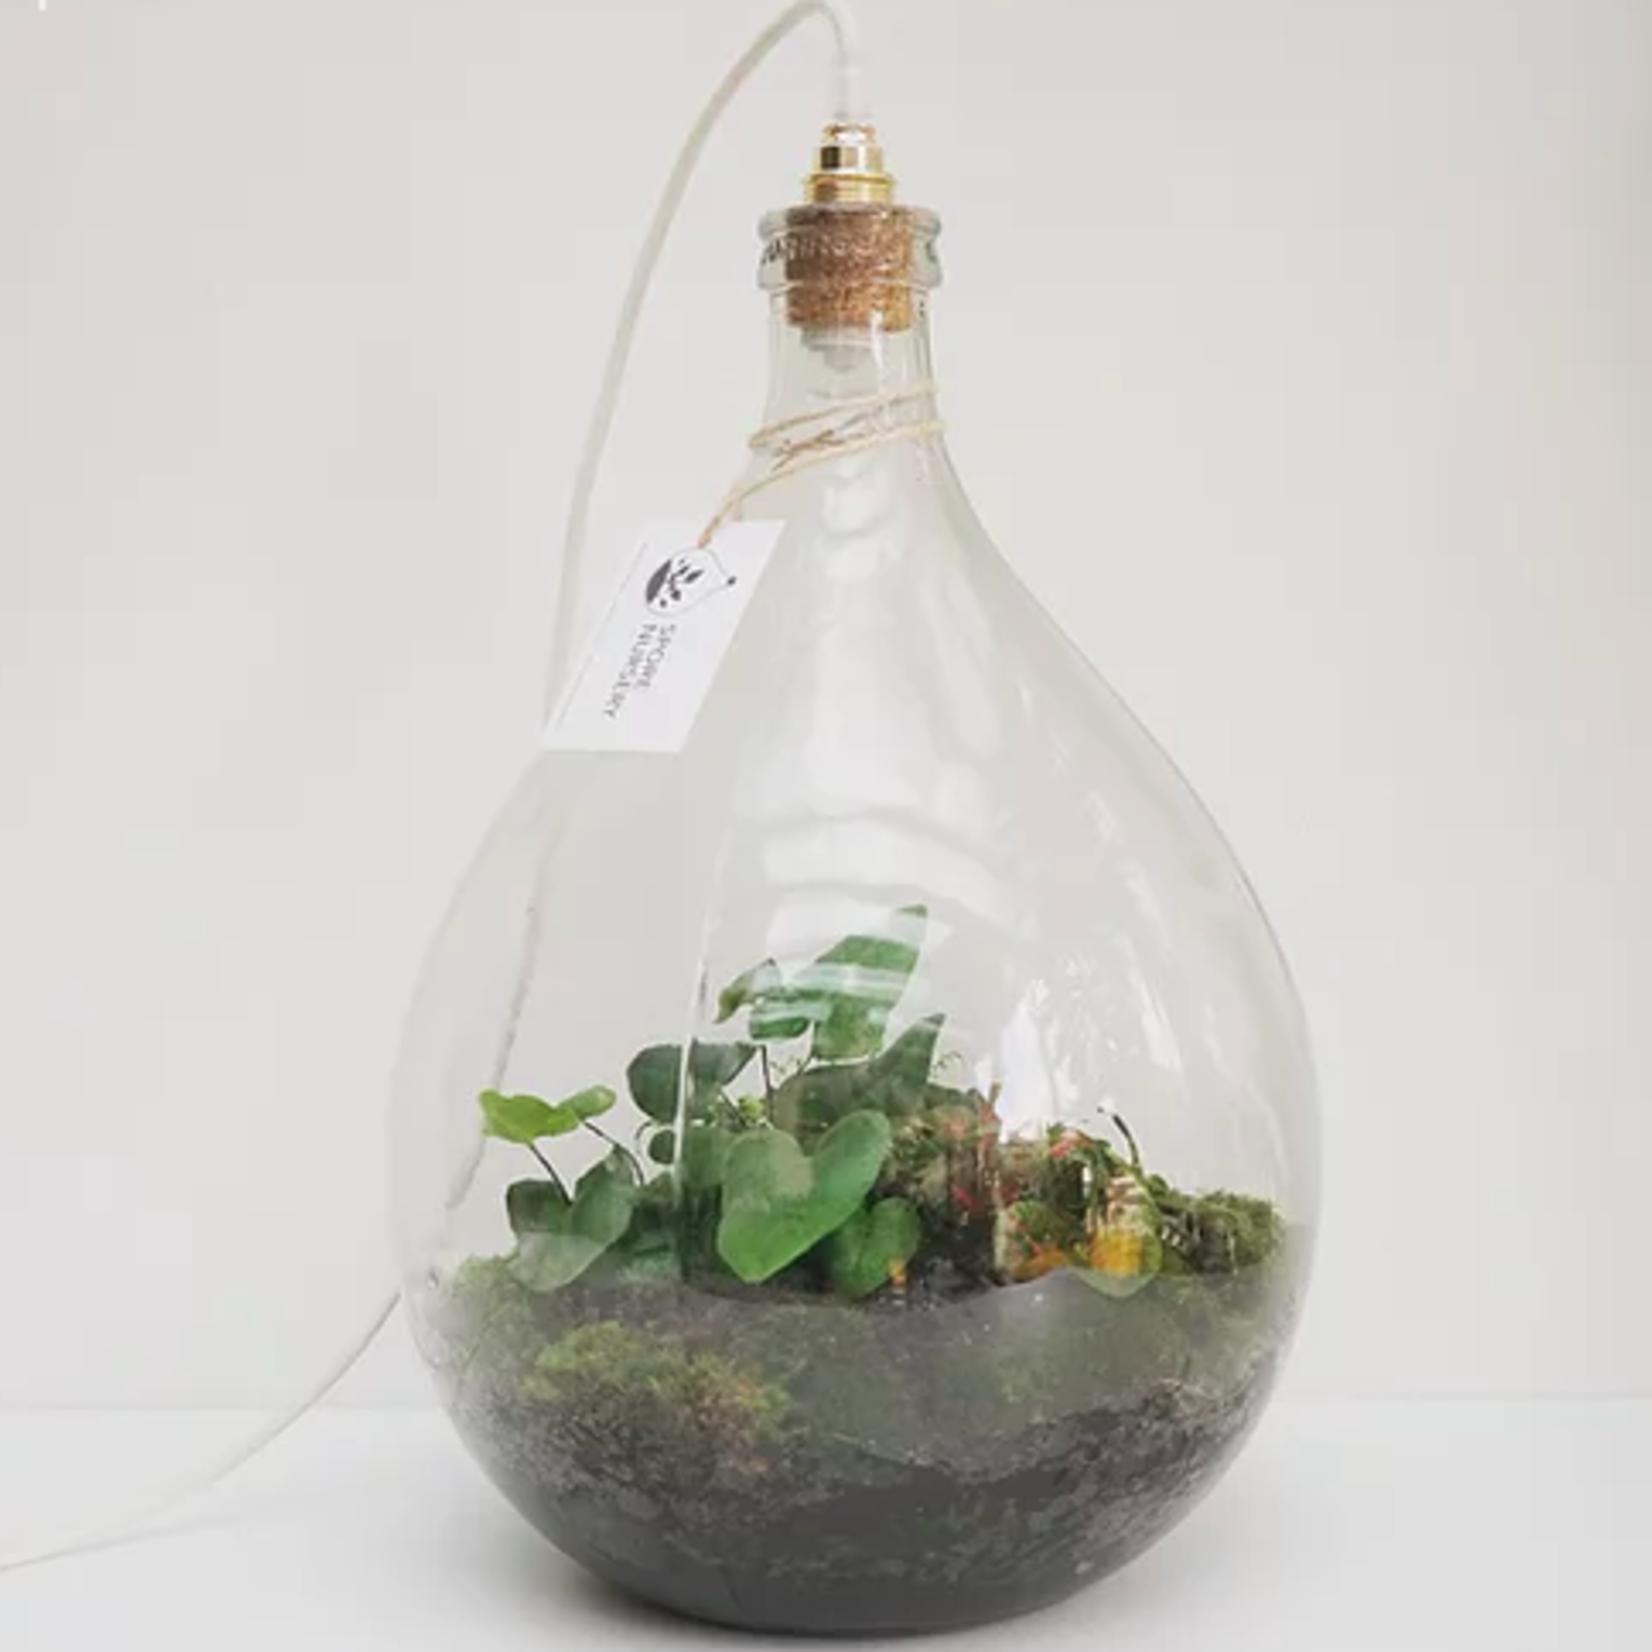 Spore Nursery Biosfeer 15 L met lamp